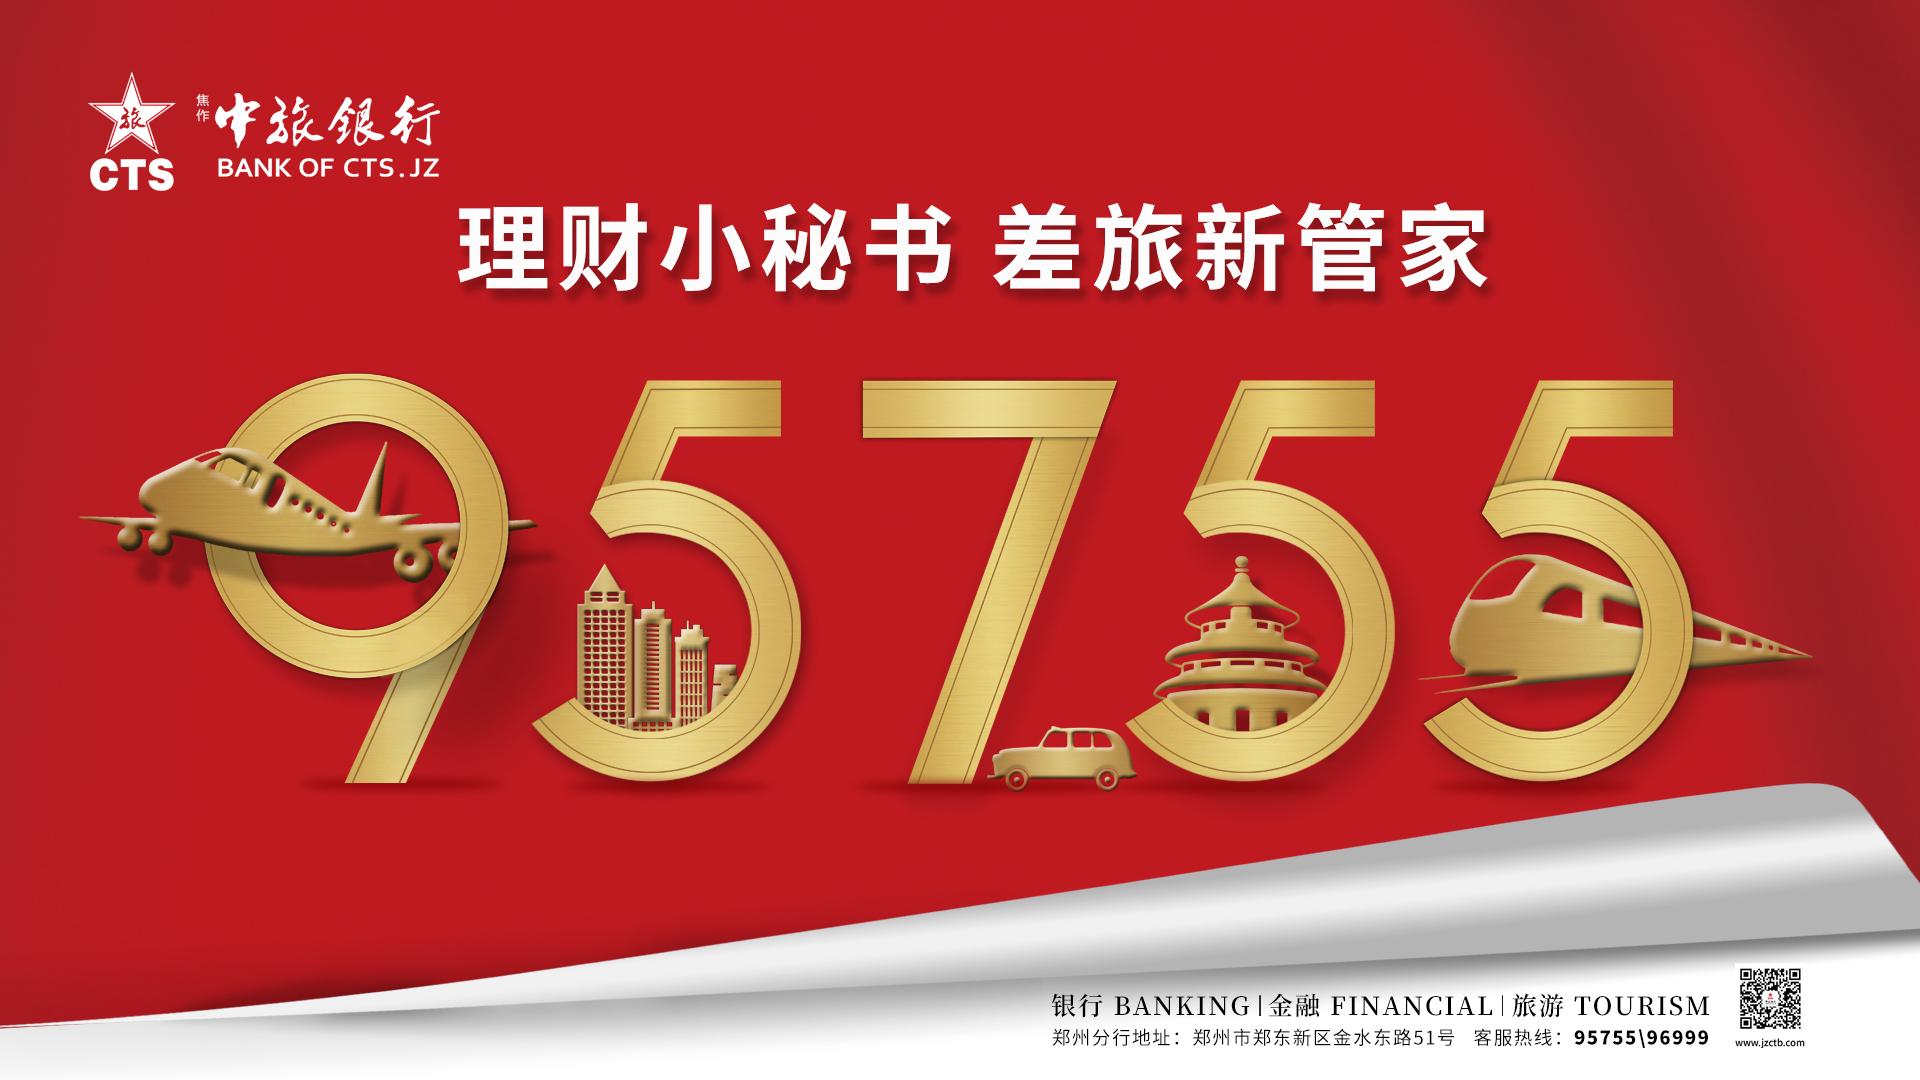 中旅银行宣传海报